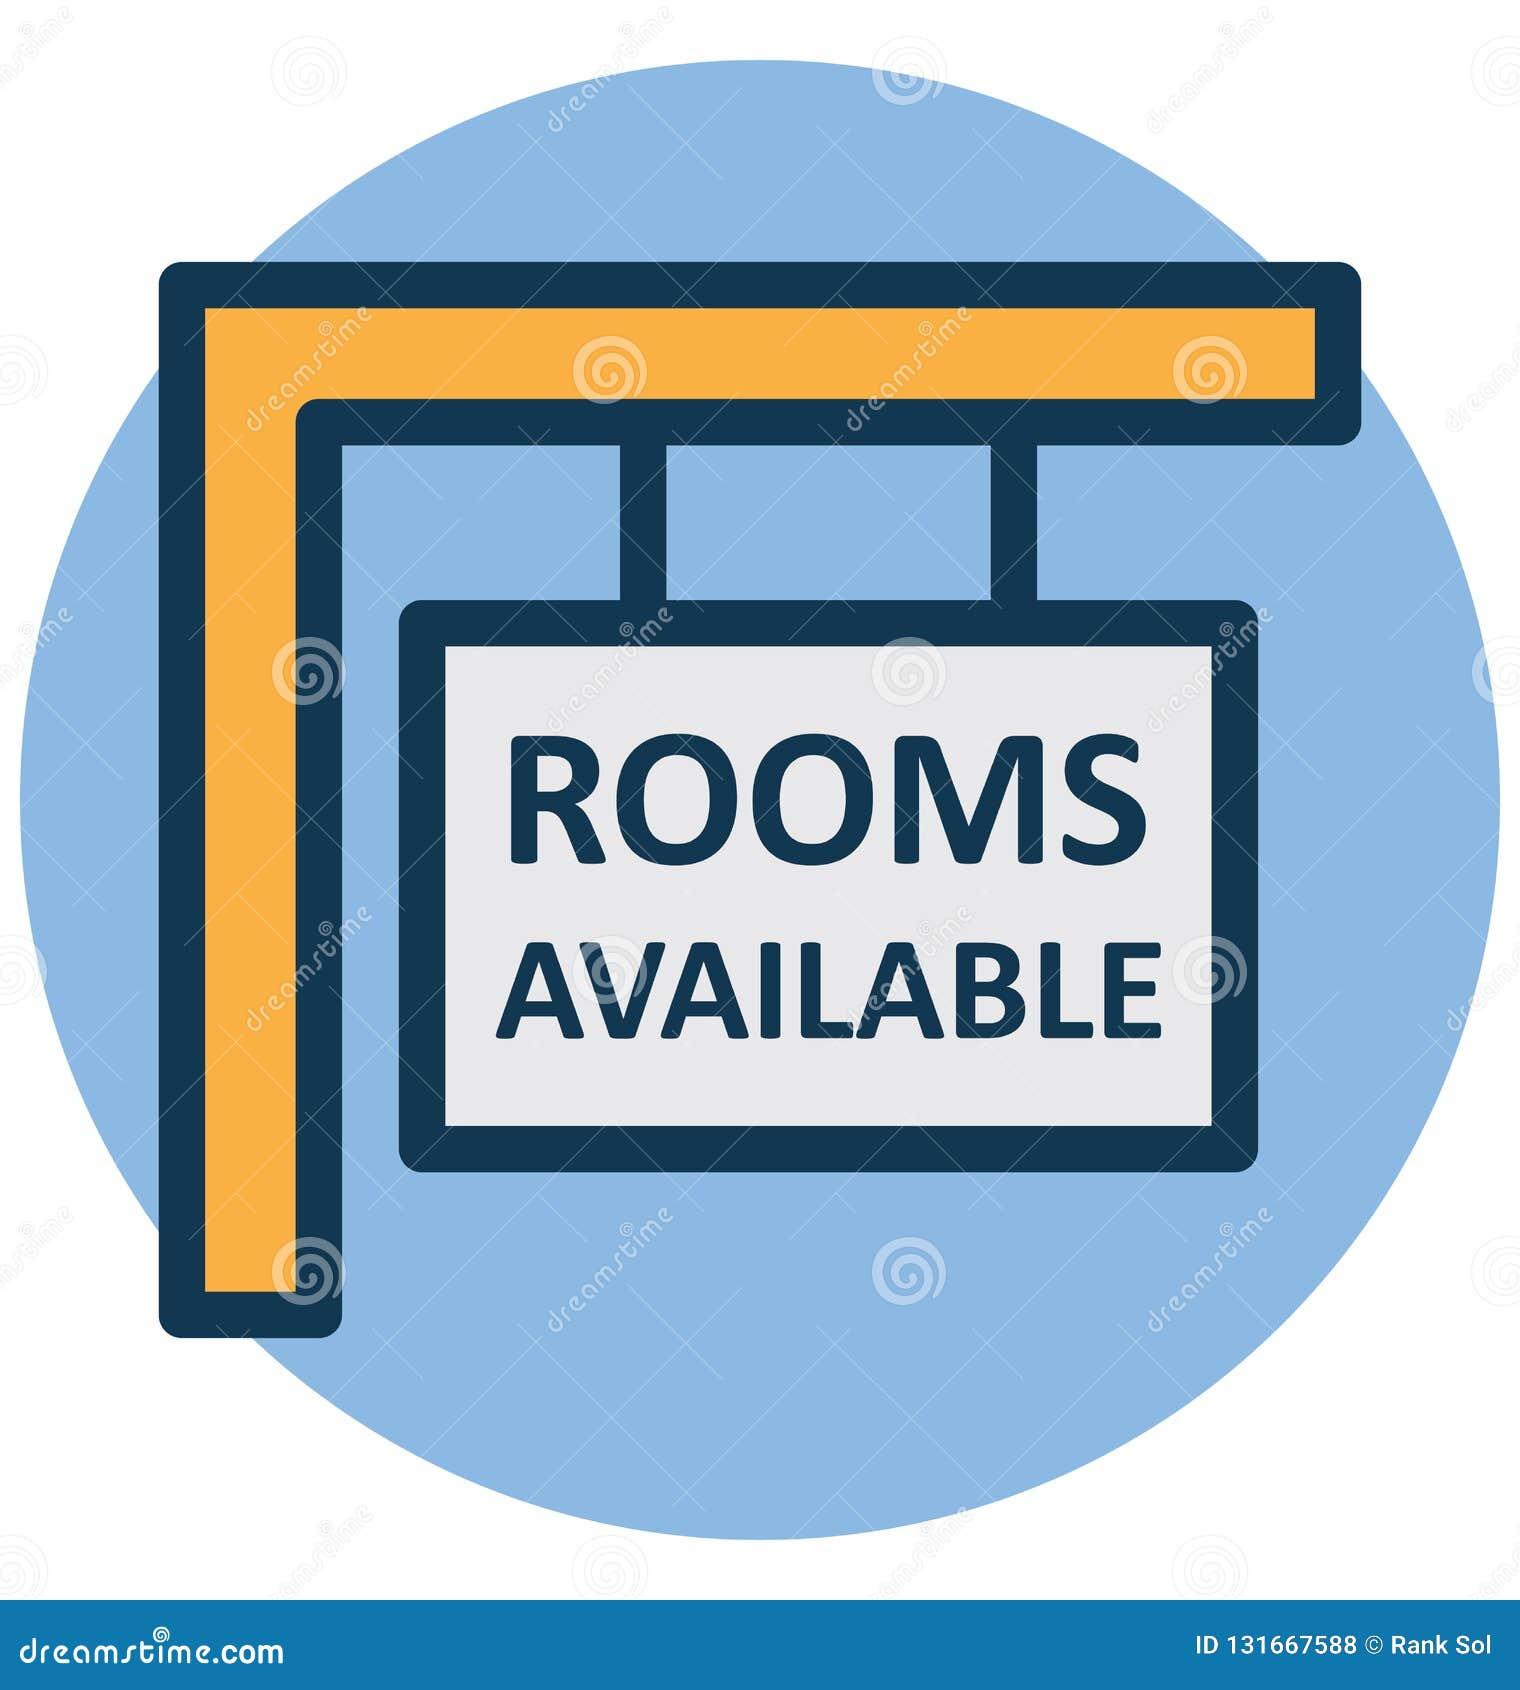 Hotel, icono aislado del vector de la información de hoteles que puede modificarse o corregir fácilmente